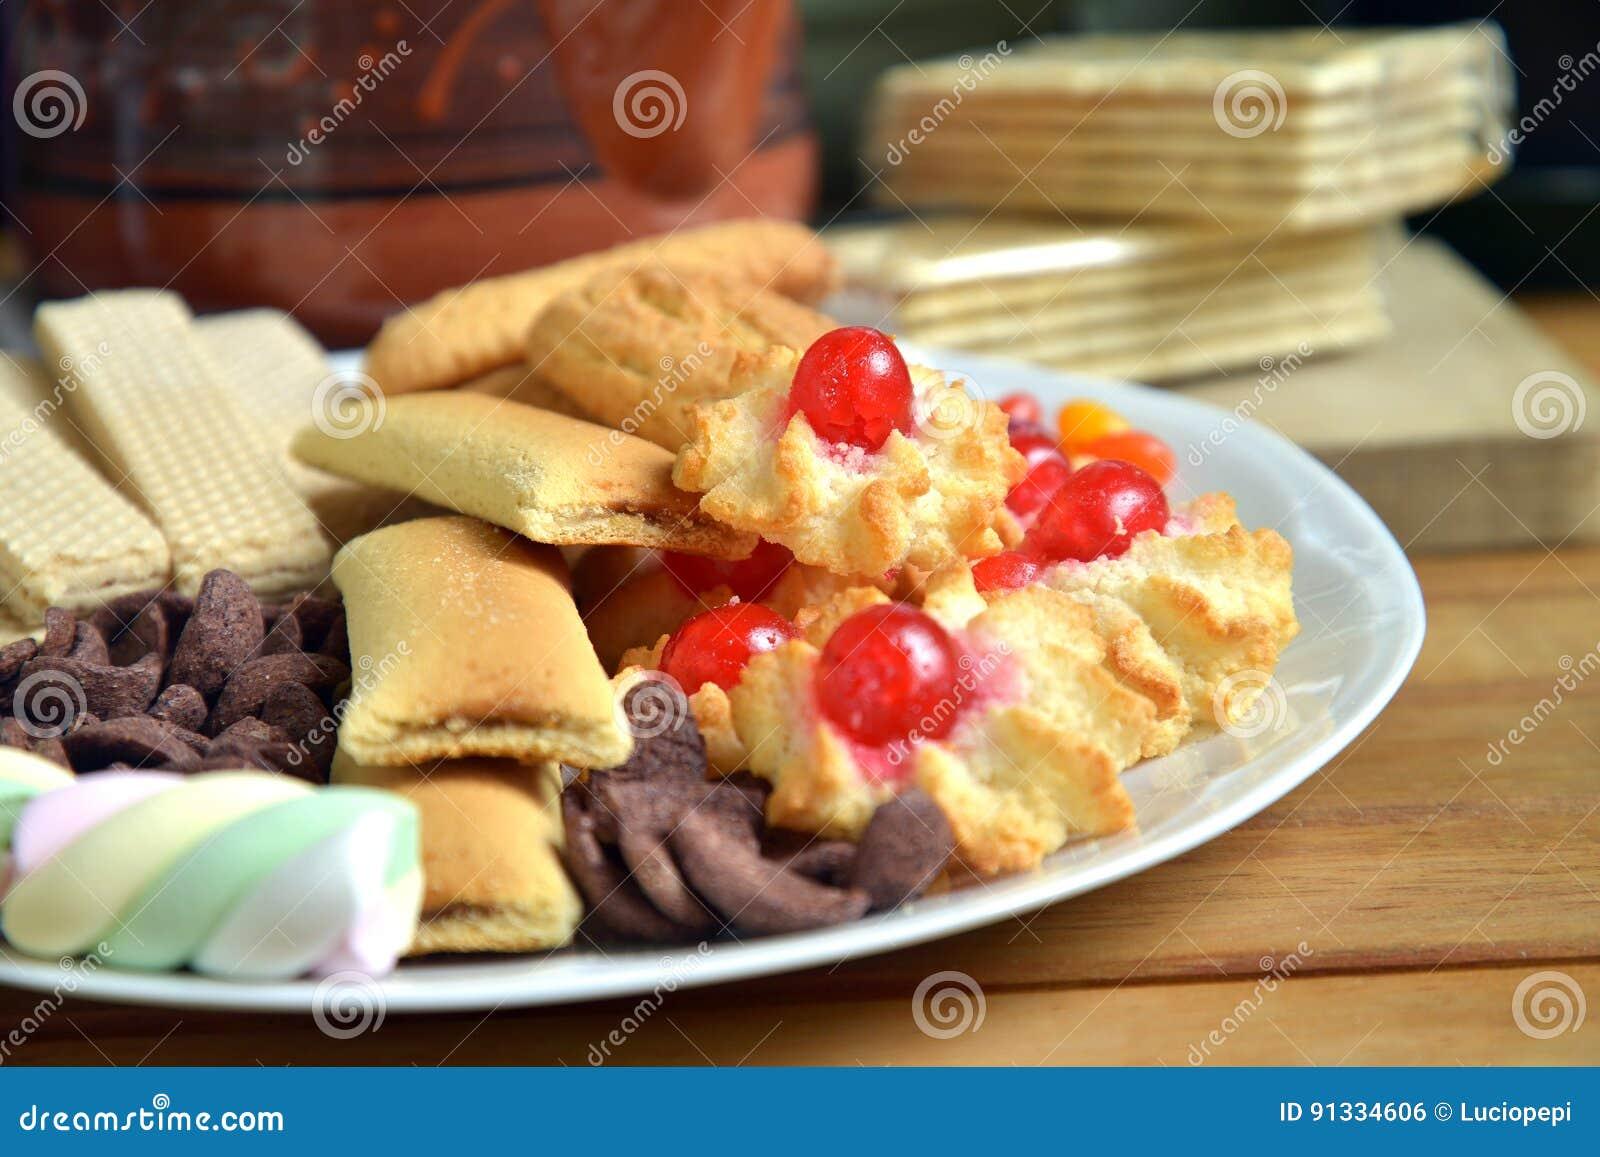 Desayune en casa con té y galletas